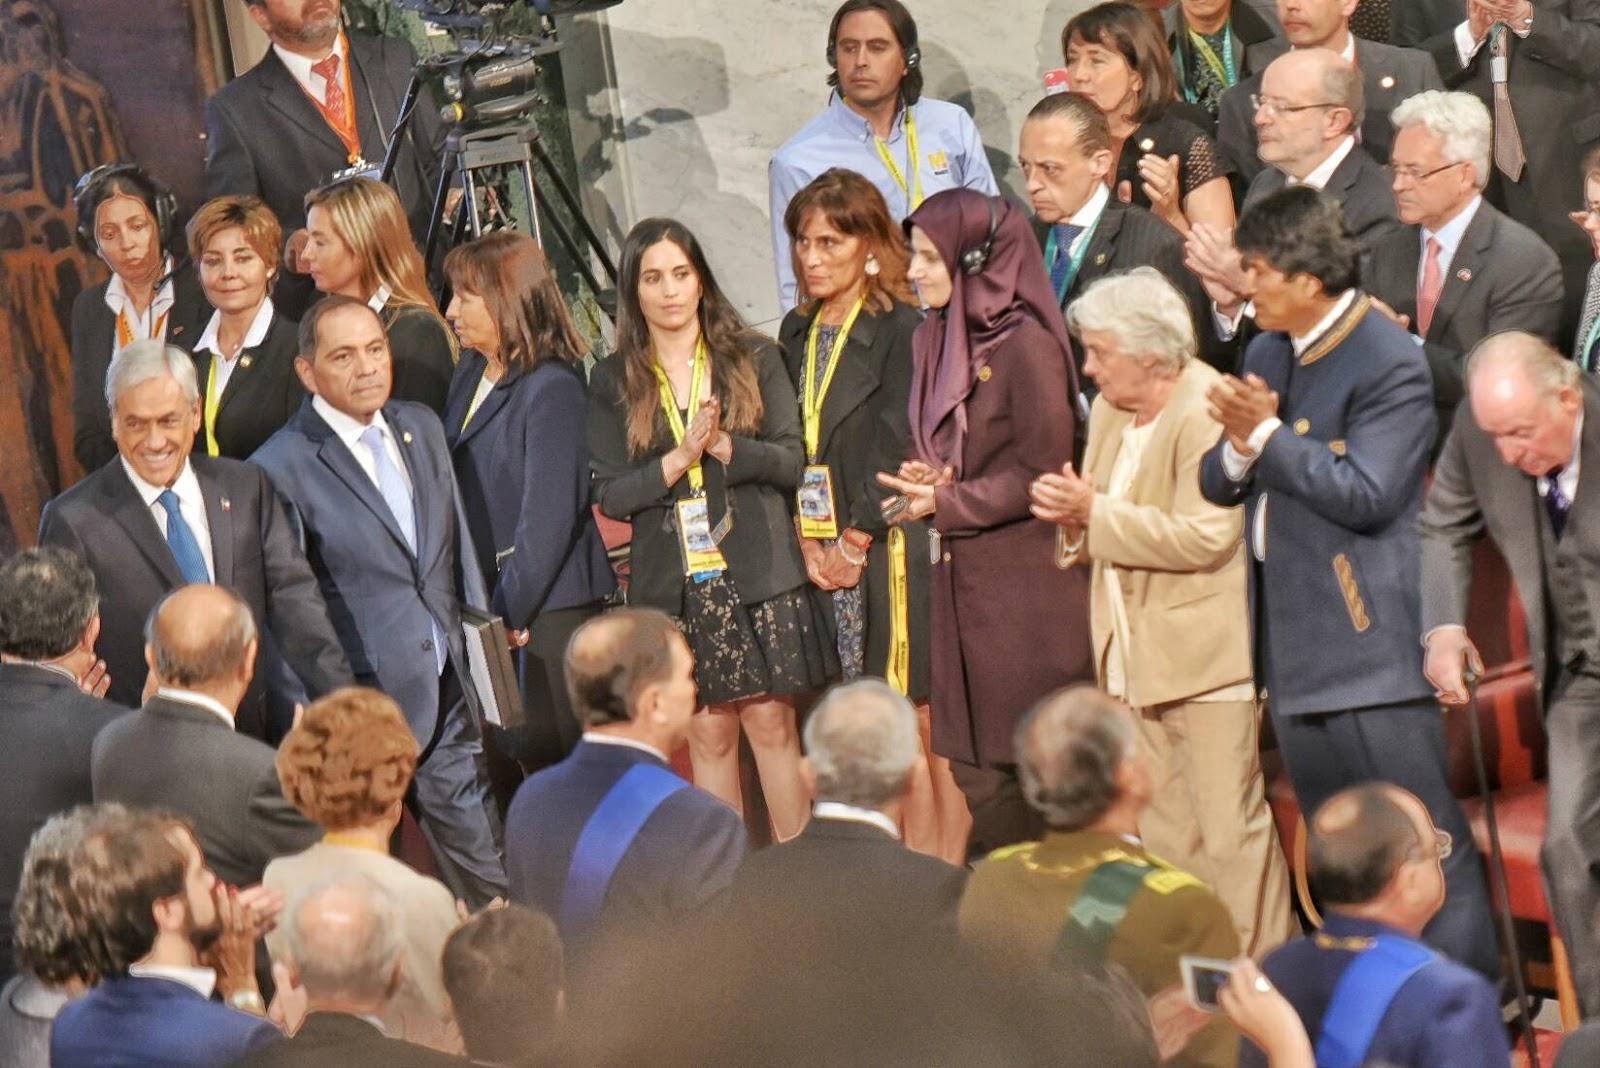 Piñera asumió su segundo mandato hasta 2022 e invitó a Morales a la posesión  / ABI